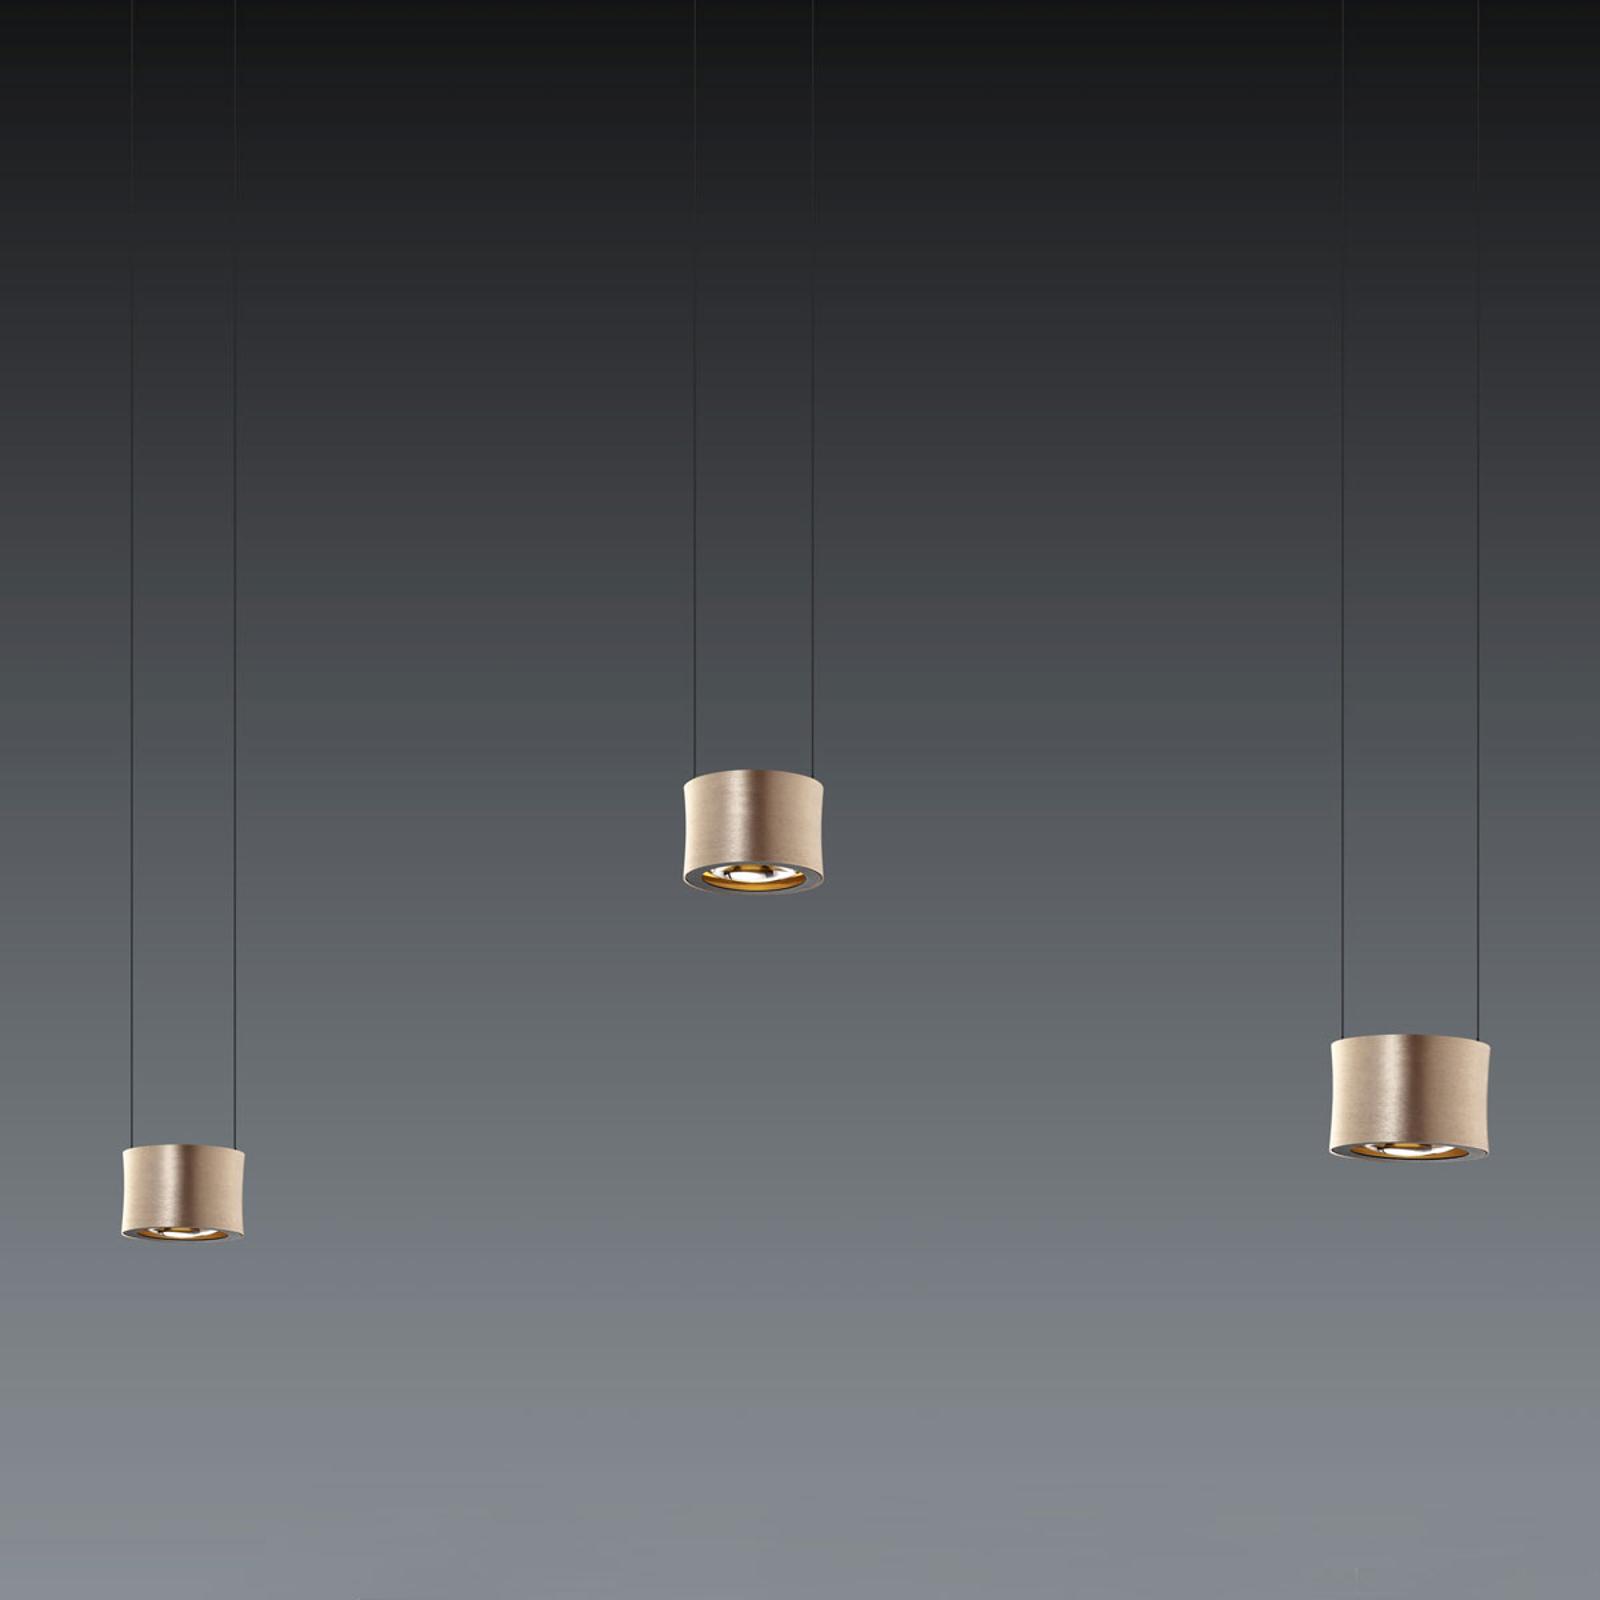 BANKAMP Grazia LED-hanglamp voor 3-lamps